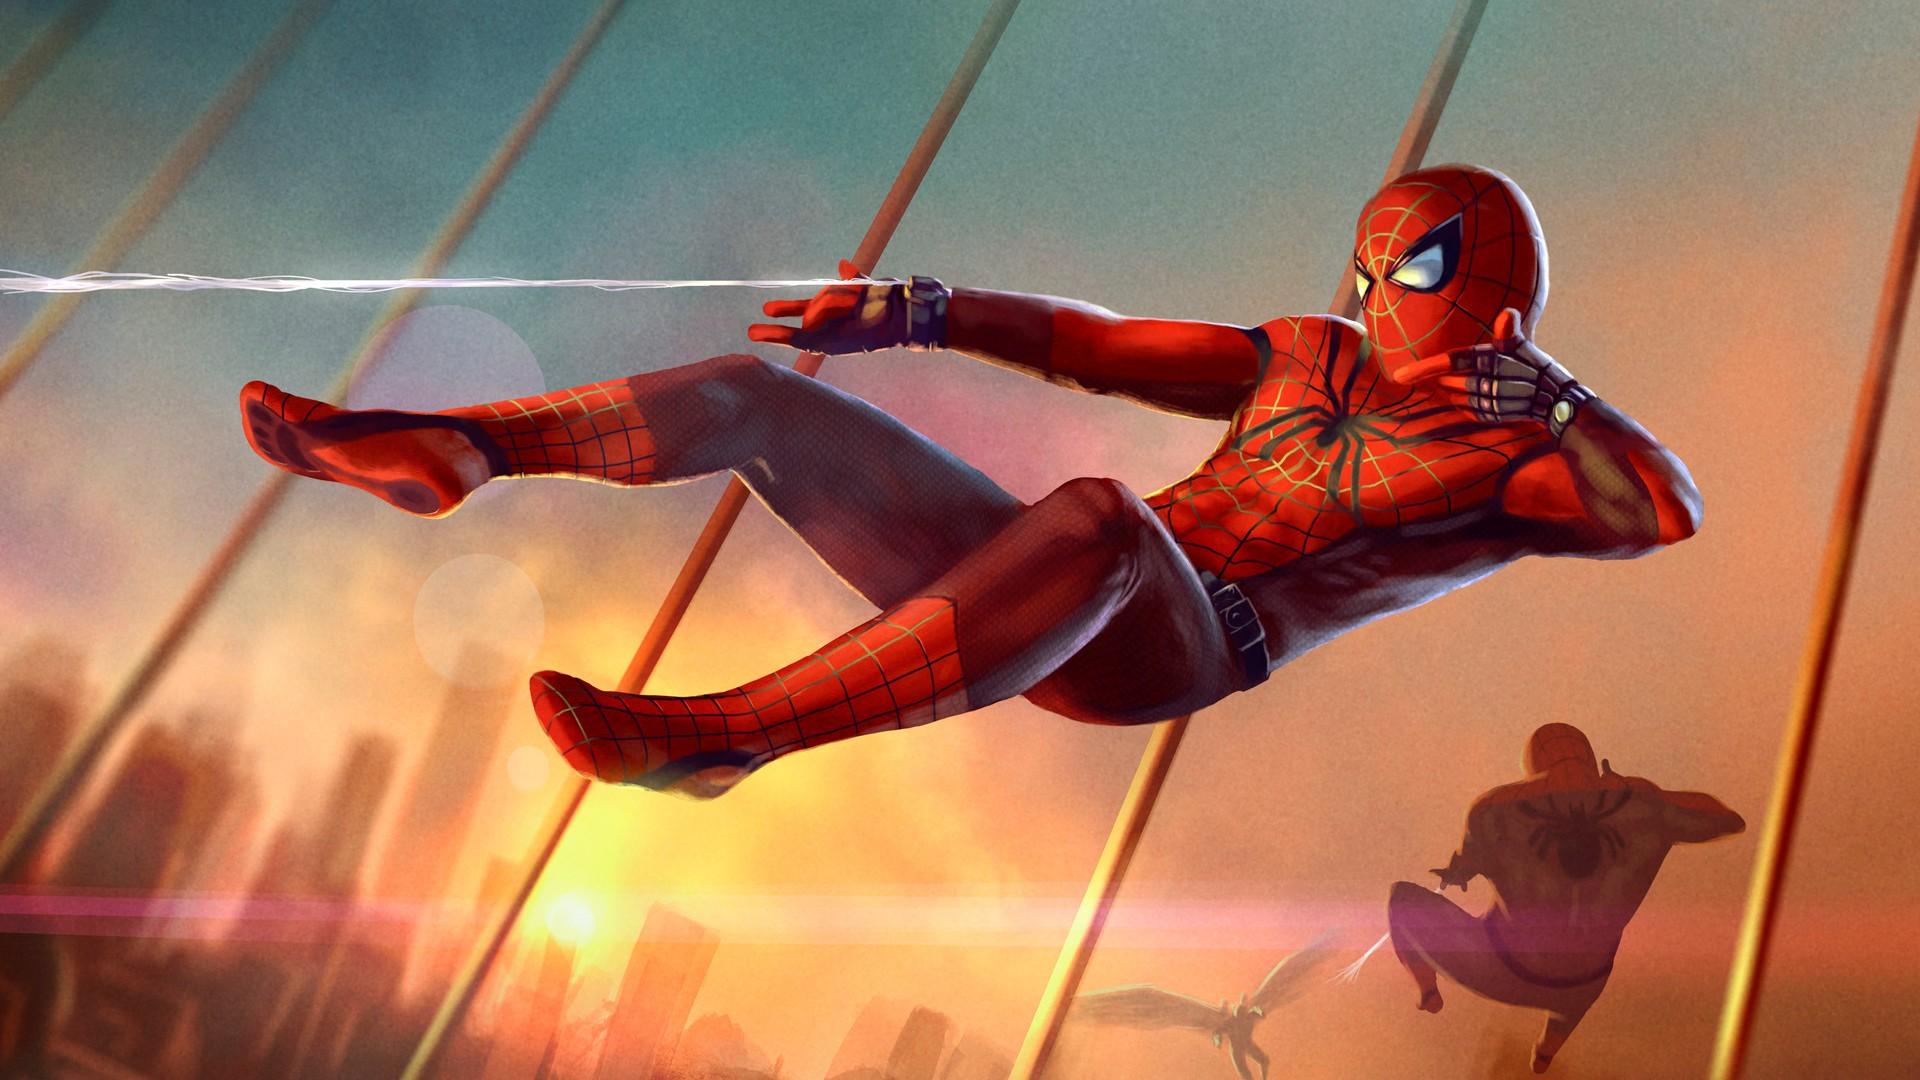 Spiderman Art Hd - Spiderman Wallpaper Hd Marvel - HD Wallpaper